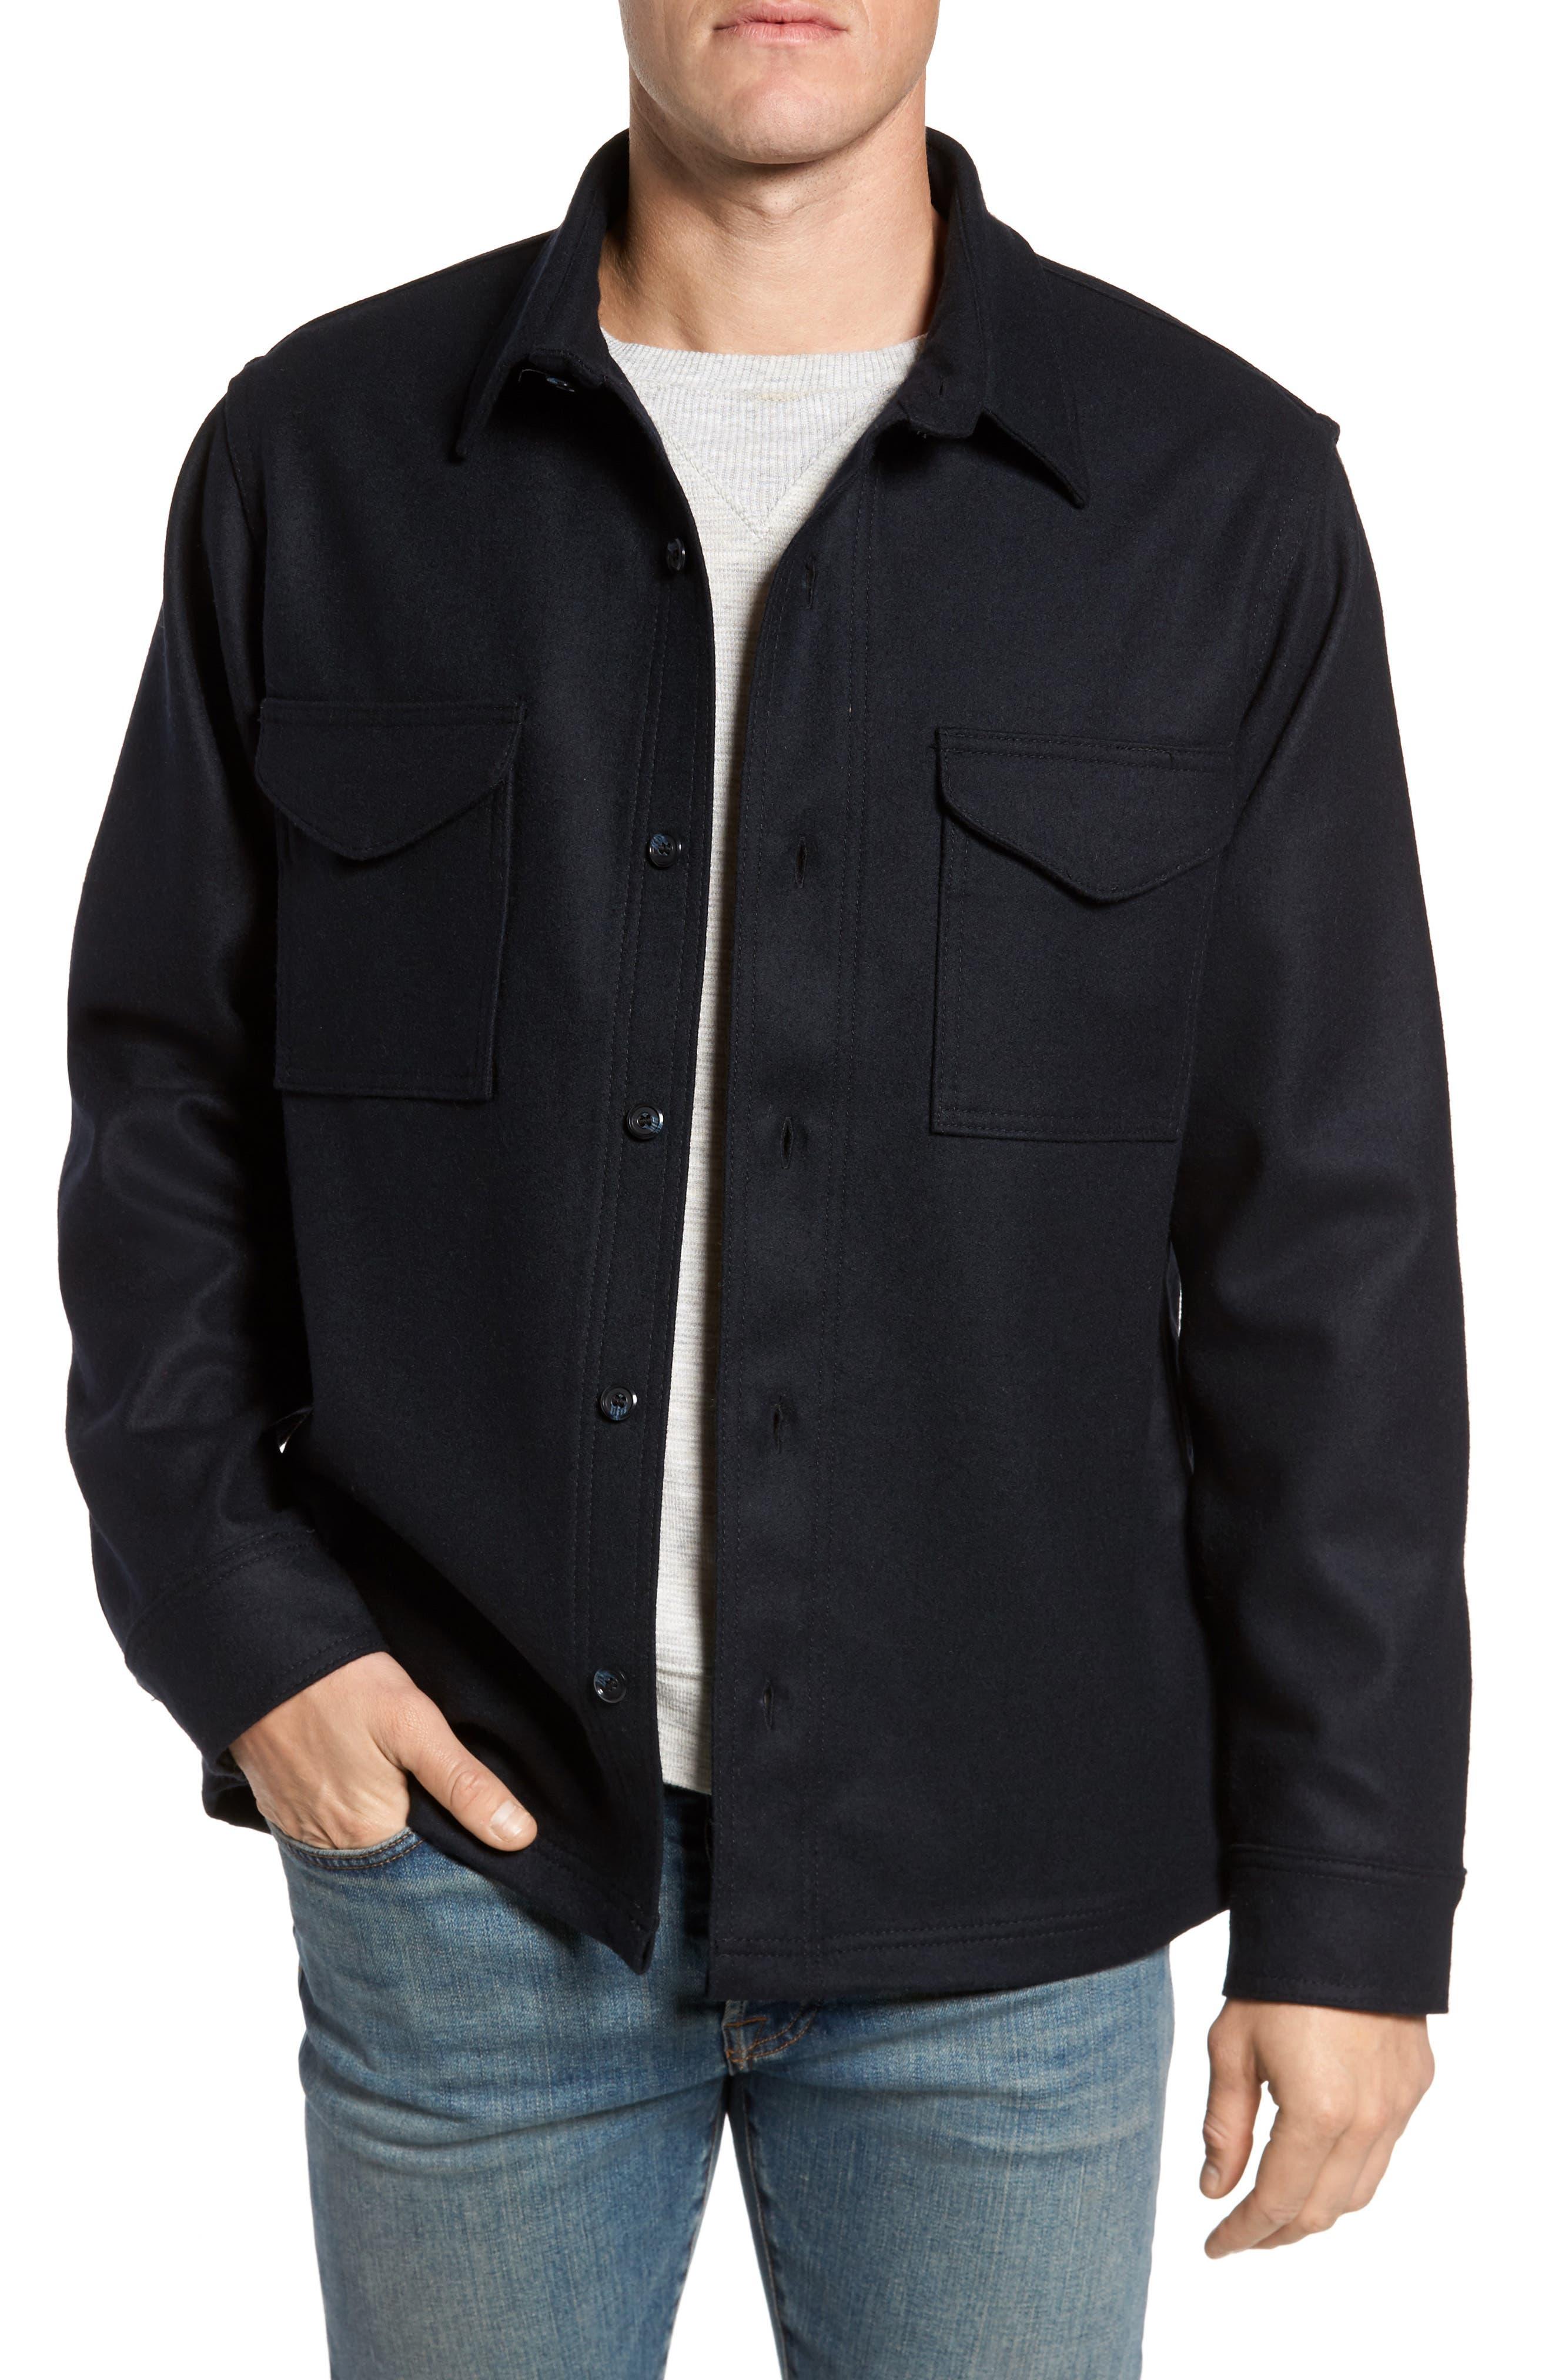 Filson Jac-Shirt Wool Jacket